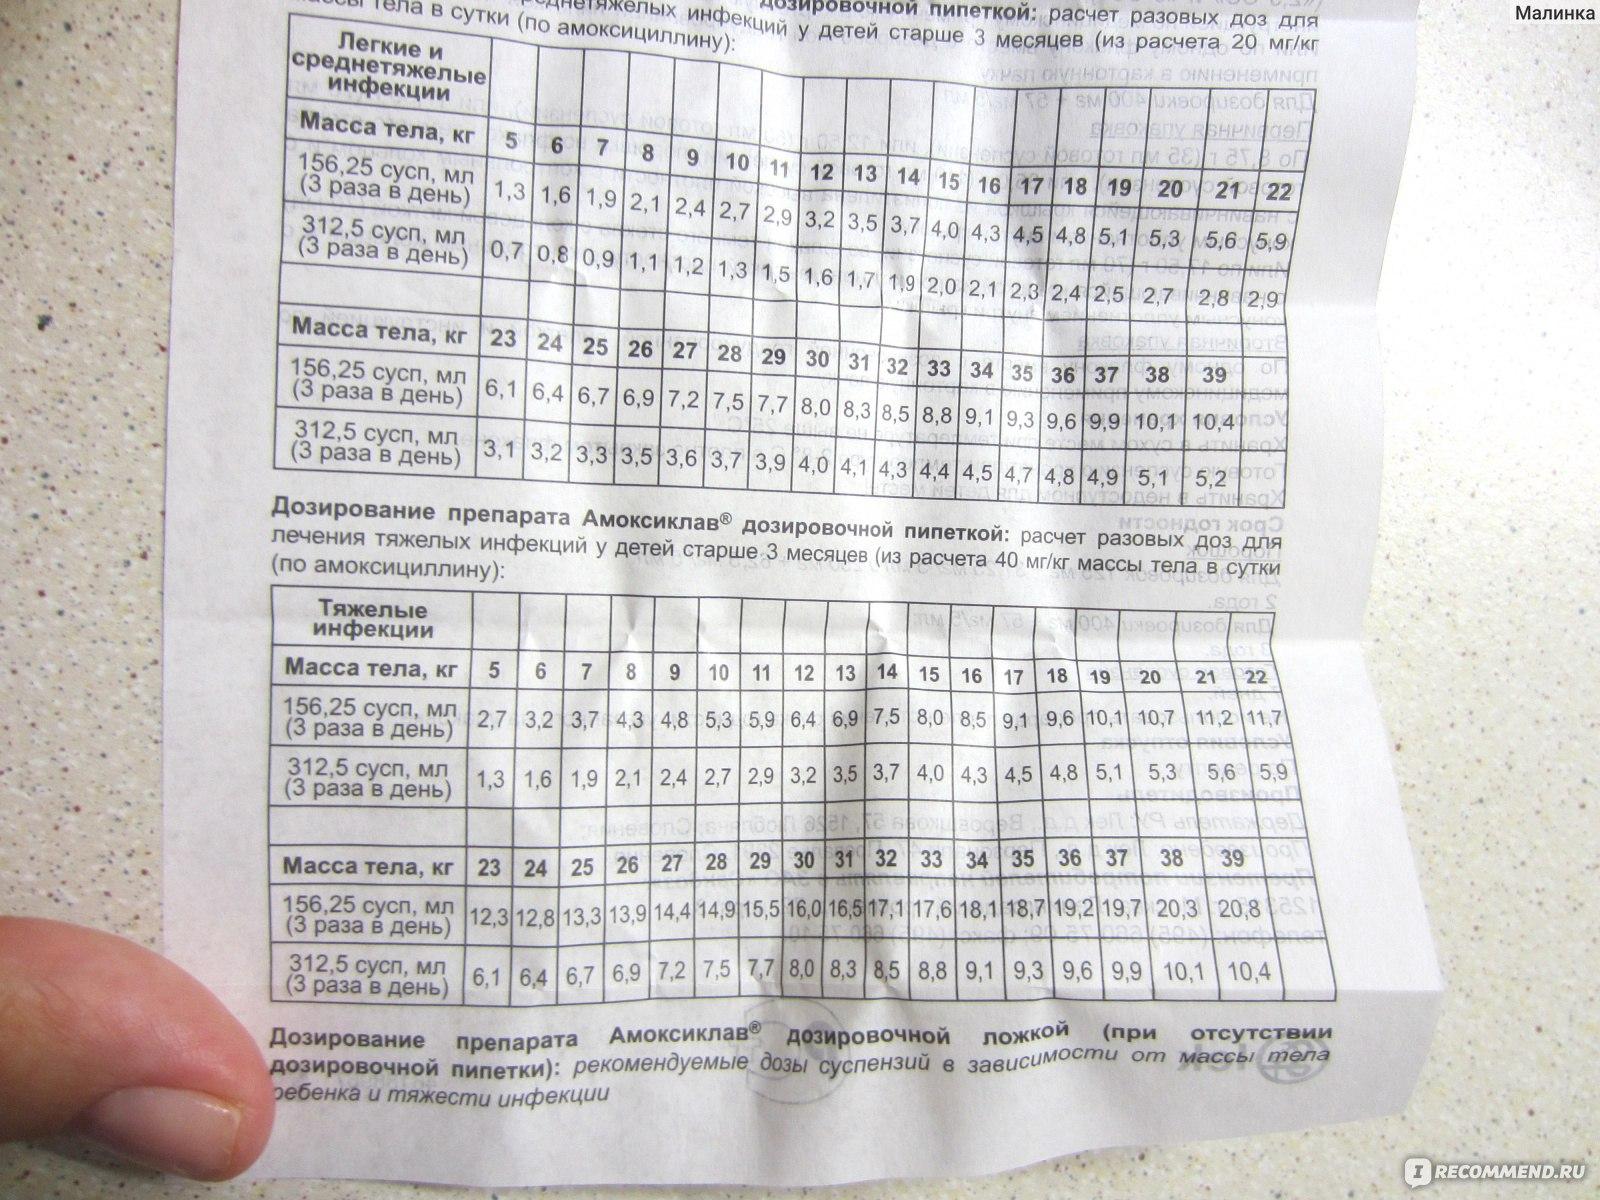 """Суспензия для детей """"амоксиклав"""", 125 г: дозировка, инструкция по применению, состав"""